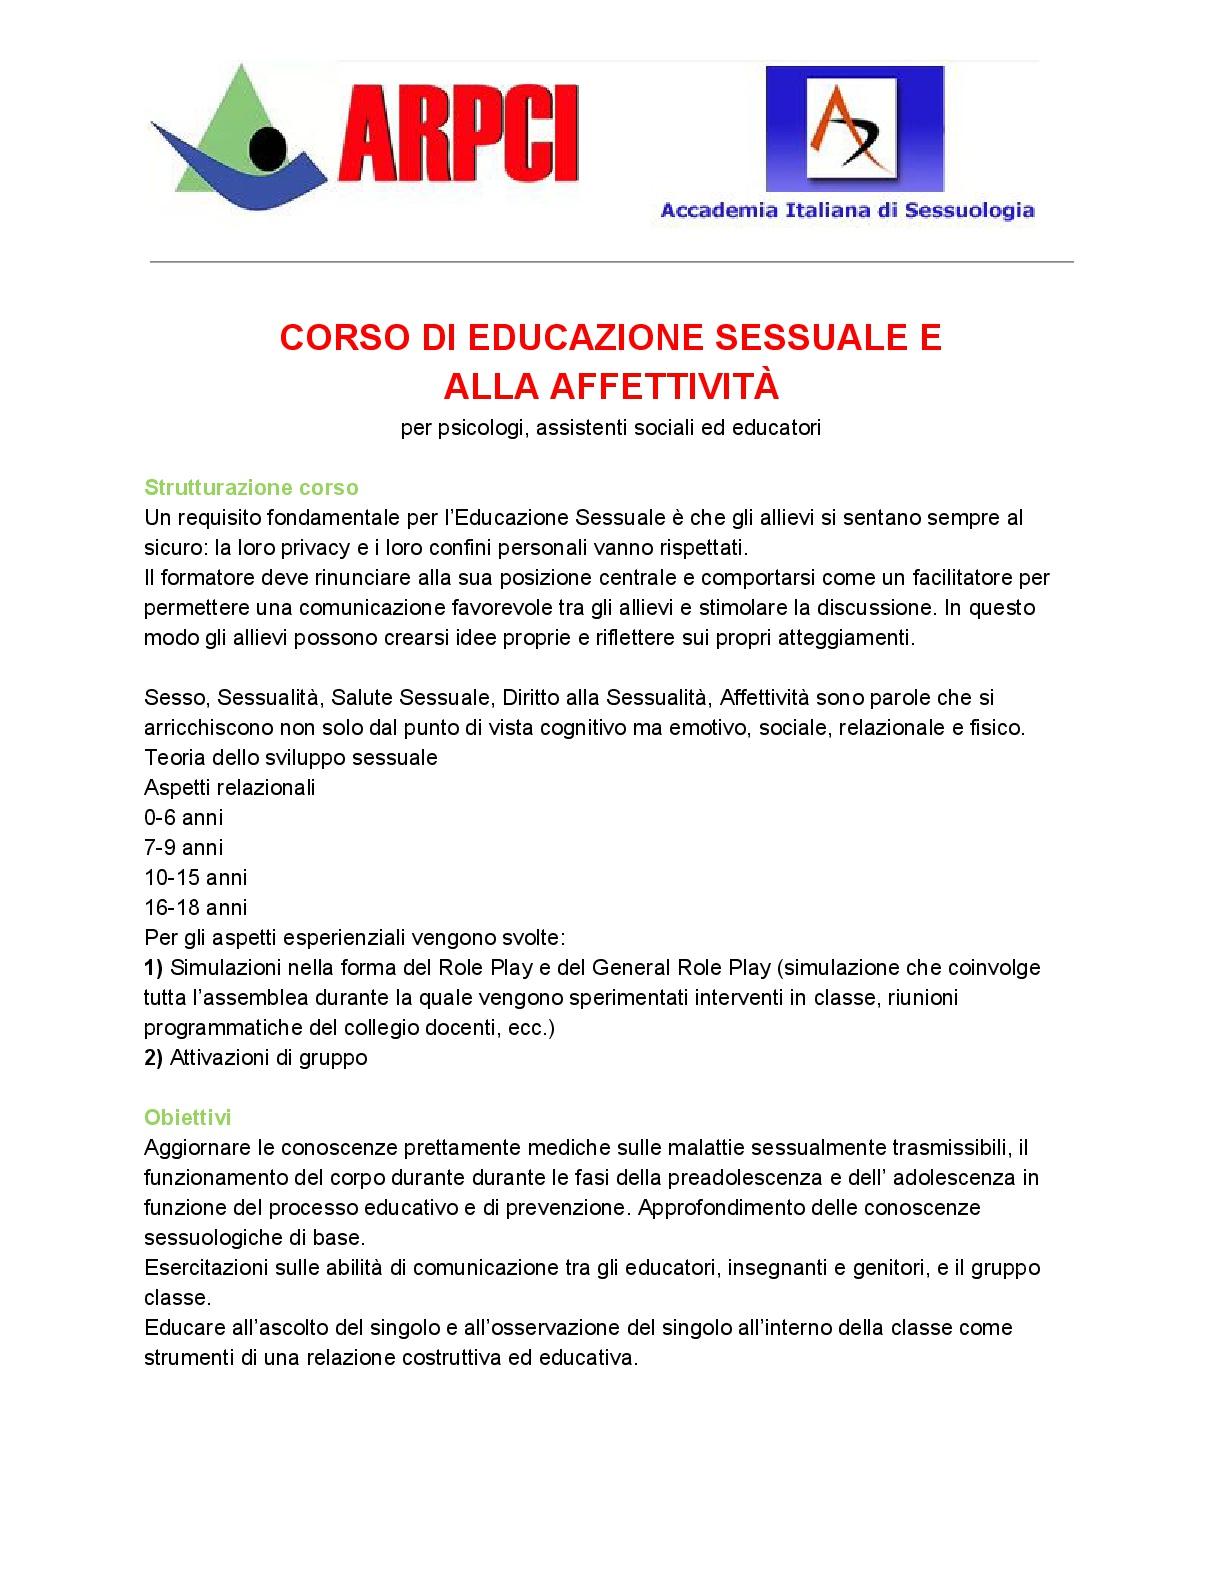 Programma_corso_educazione_sessuale-001.